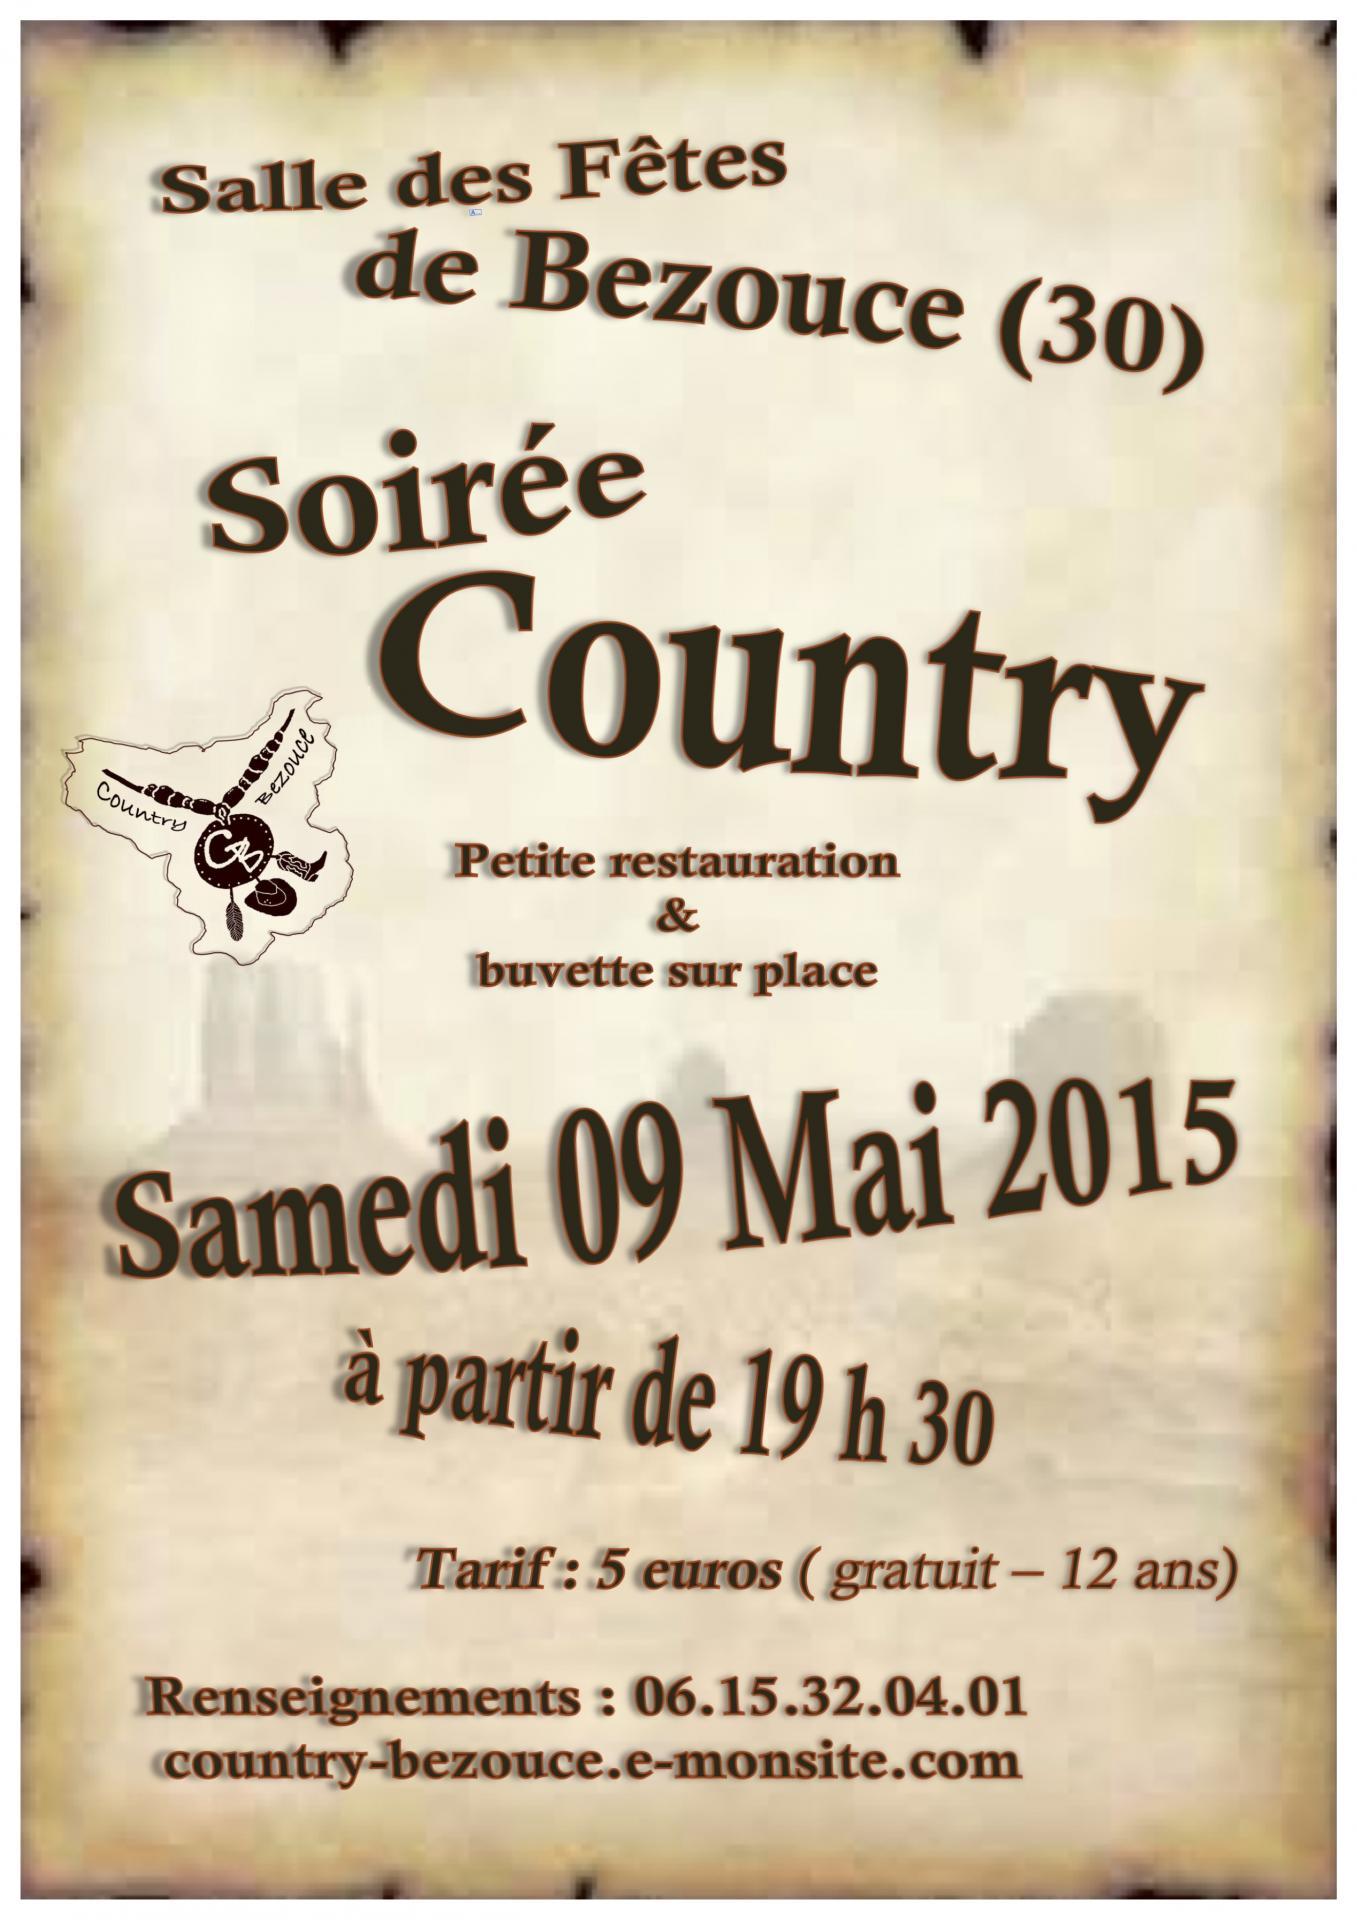 Affiche soire e country 09 mai 2015